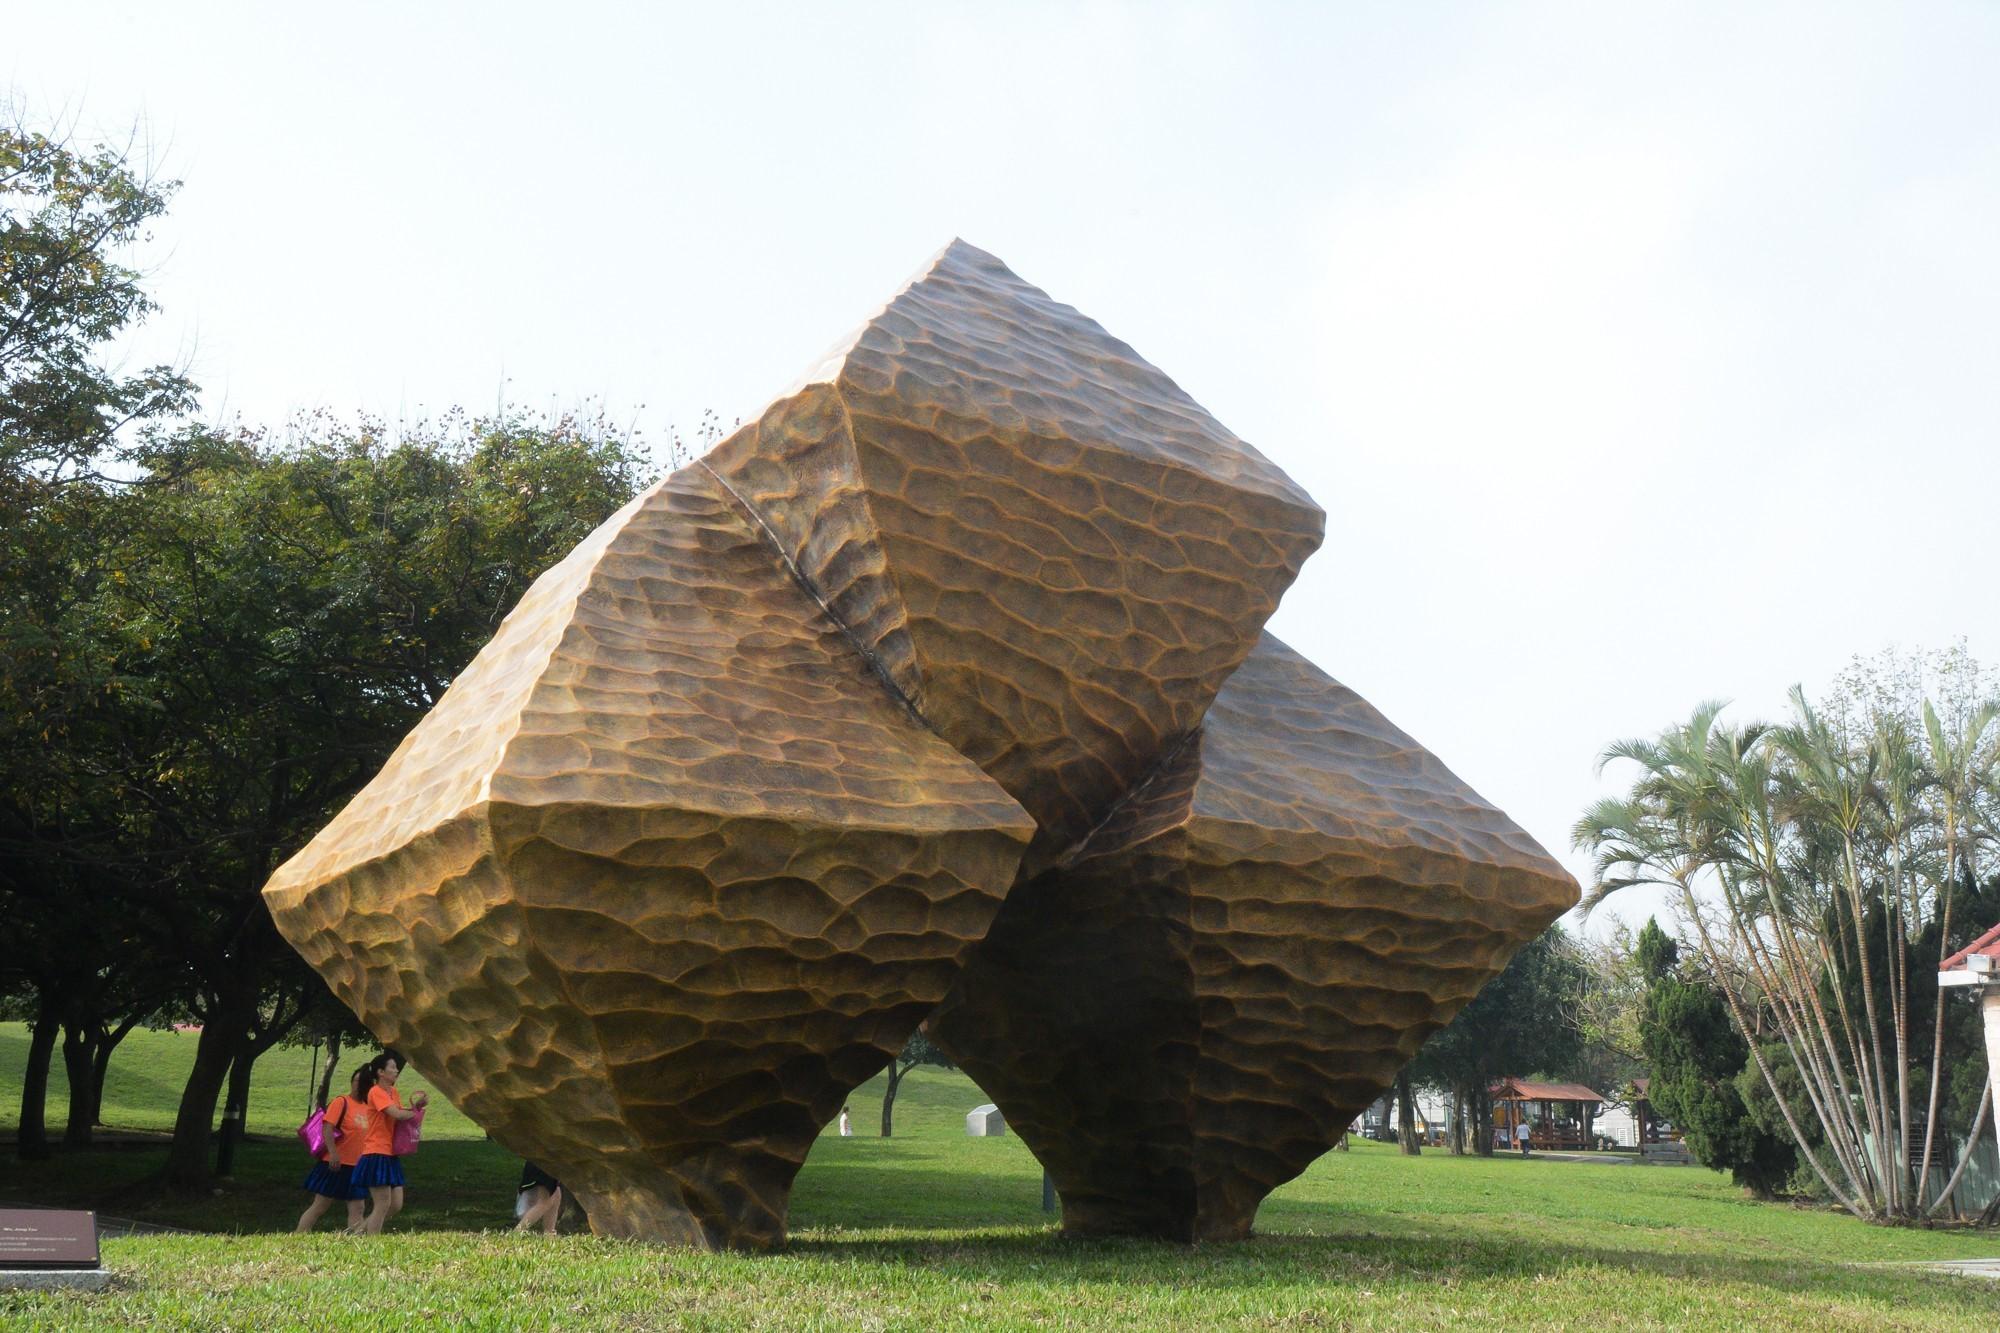 藝術家吳榮賜創作的大型公共藝術品「晶」